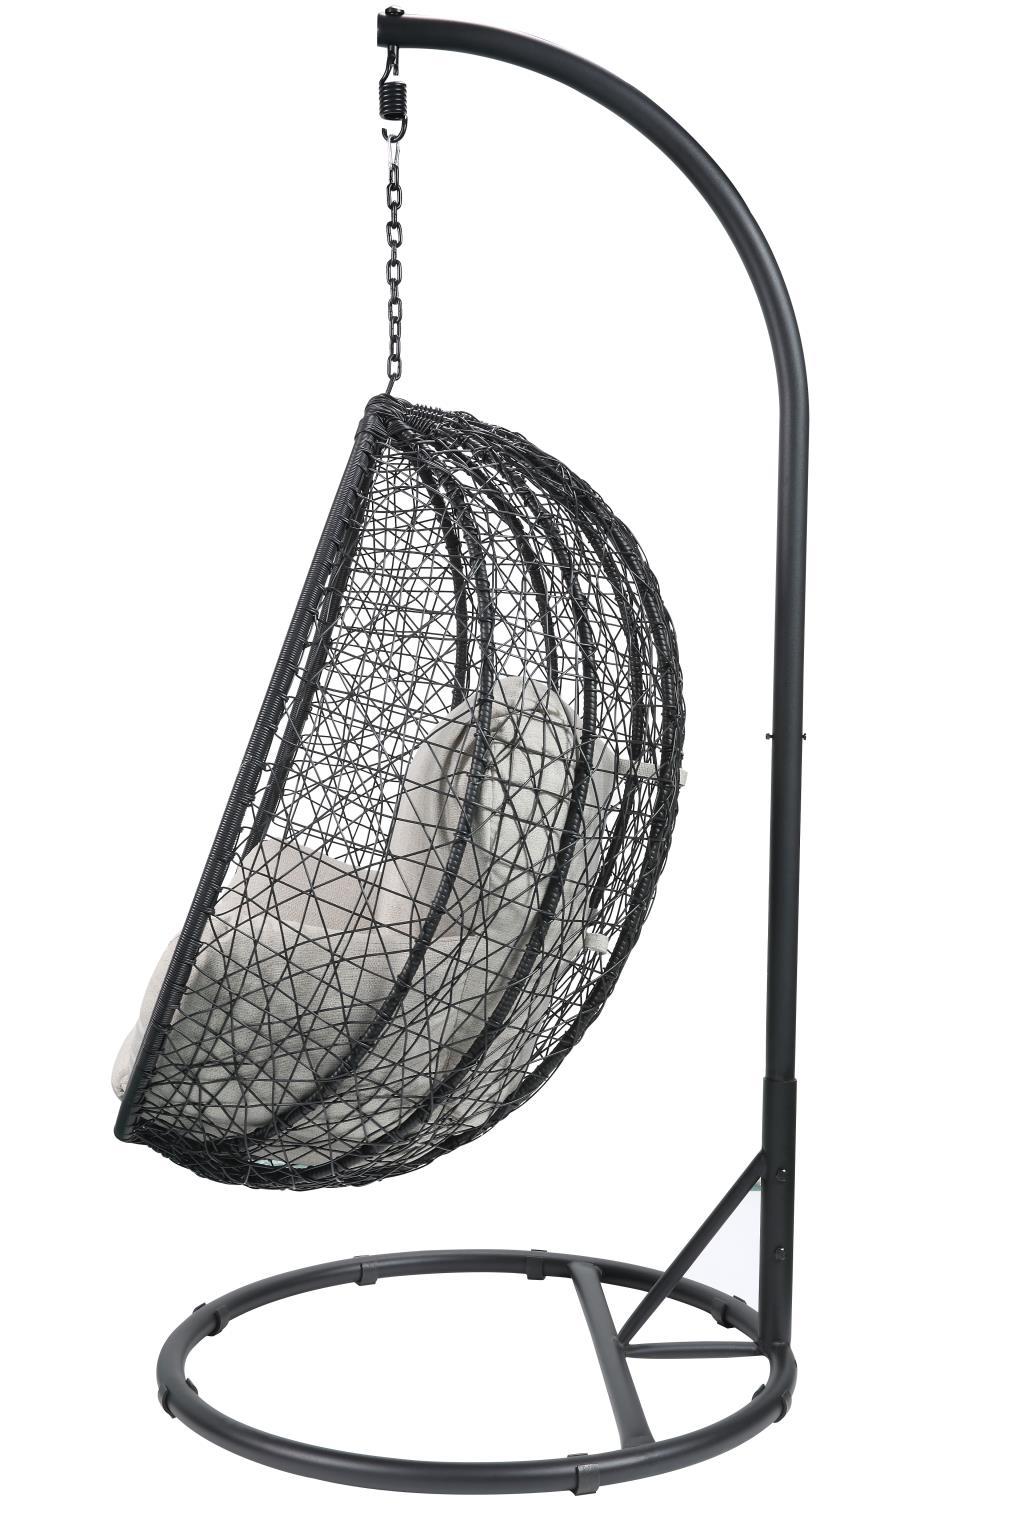 Black Wicker Patio Swing Chair Side